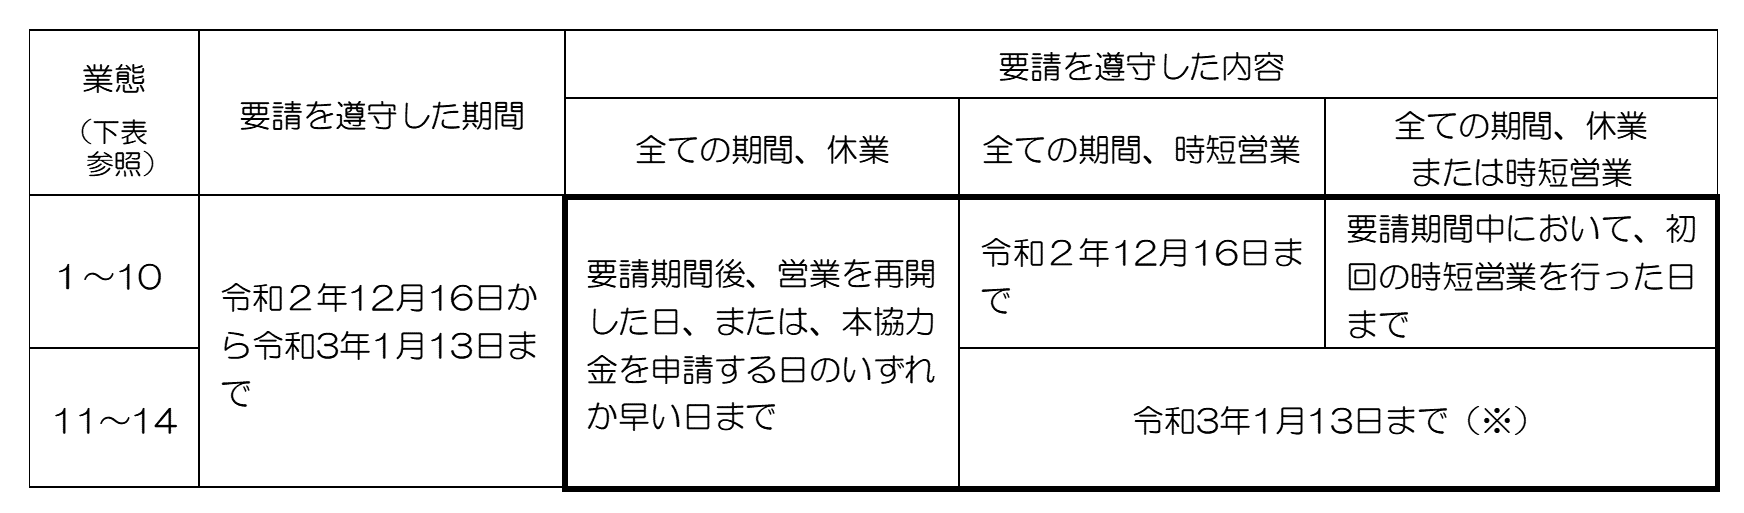 協力 営業 府 大阪 金 時短